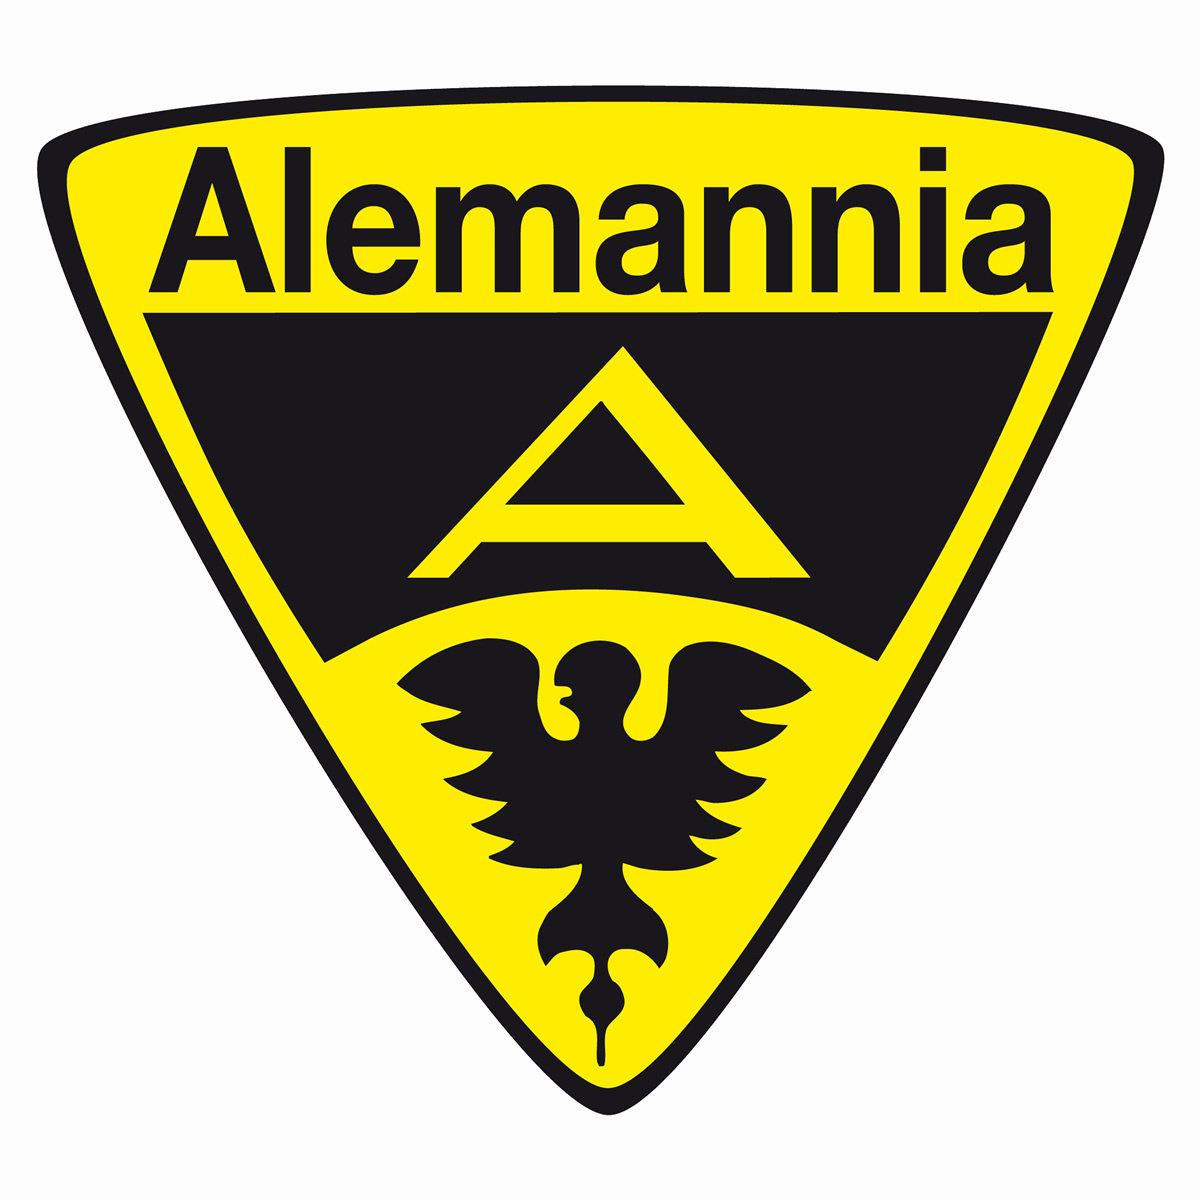 Alemannia Aachen Fan Shop